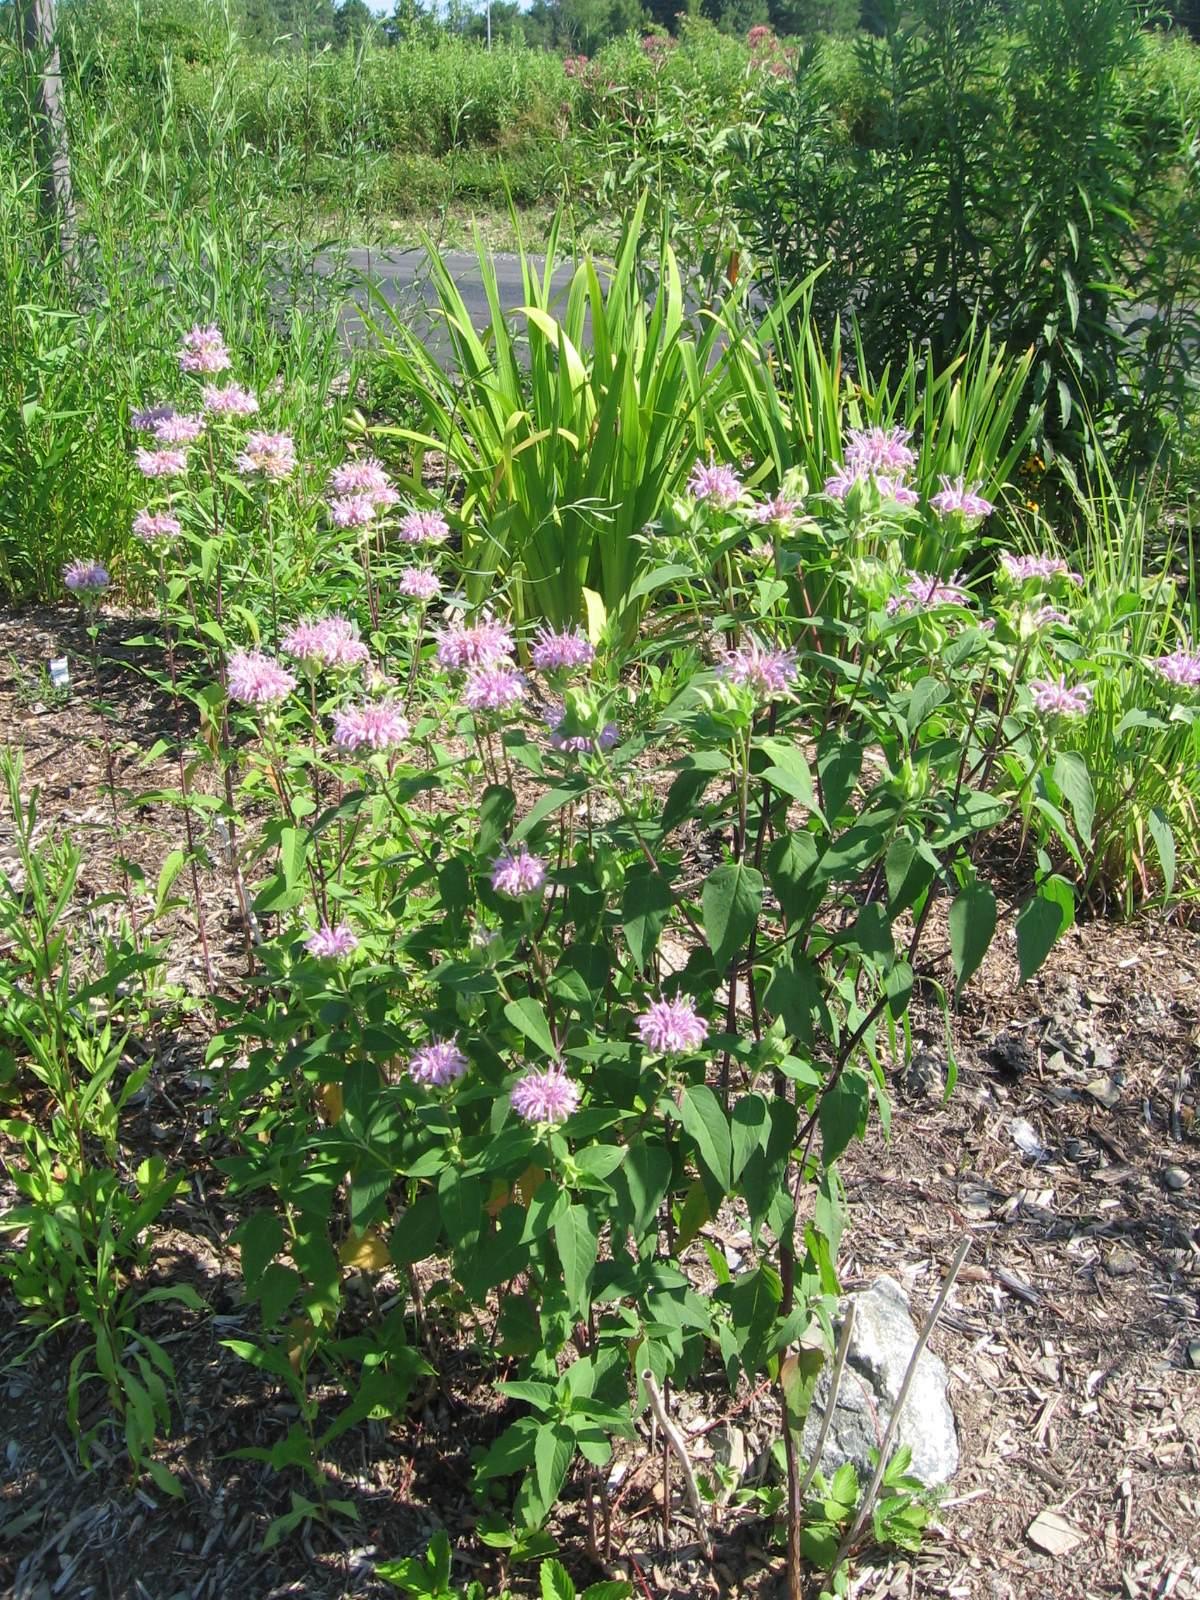 Monarda fistulosa flowers